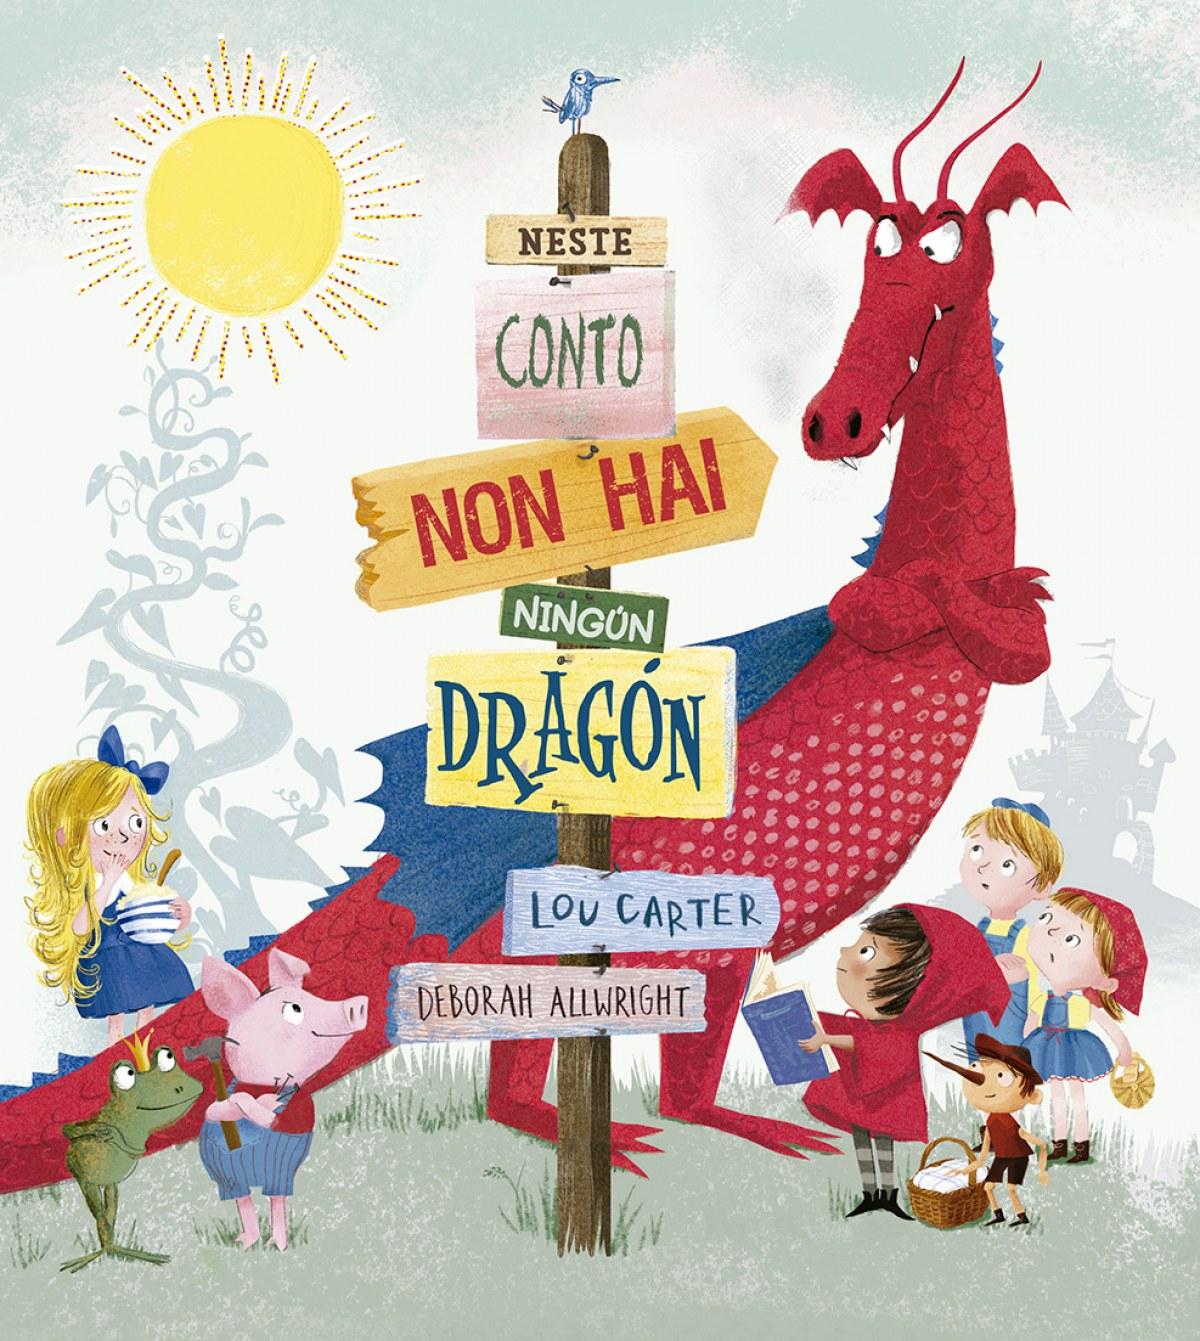 Neste conto non hai ningún dragón